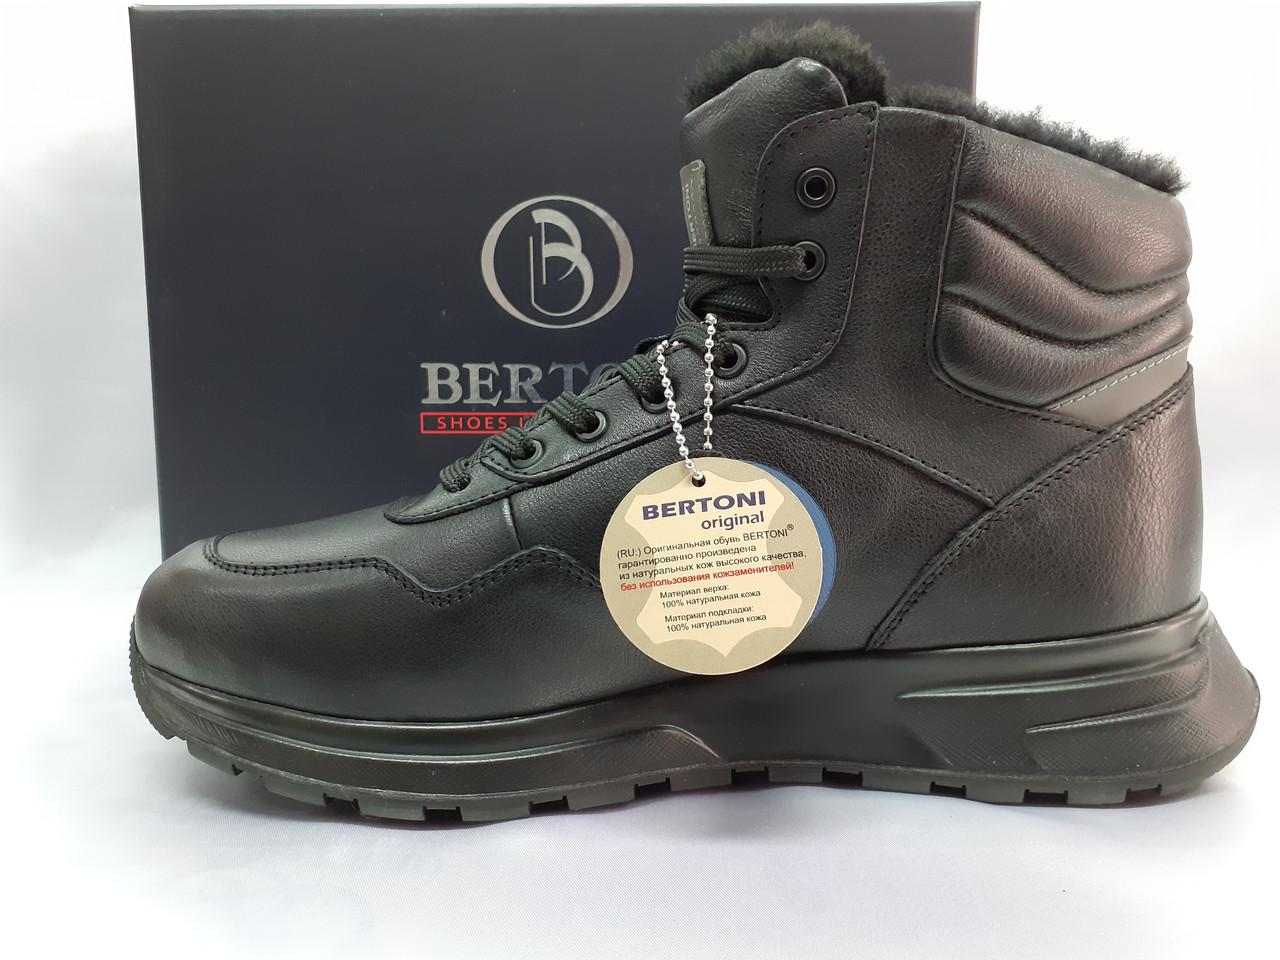 Стильні зимові шкіряні черевики під кросівки на цигейке Bertoni